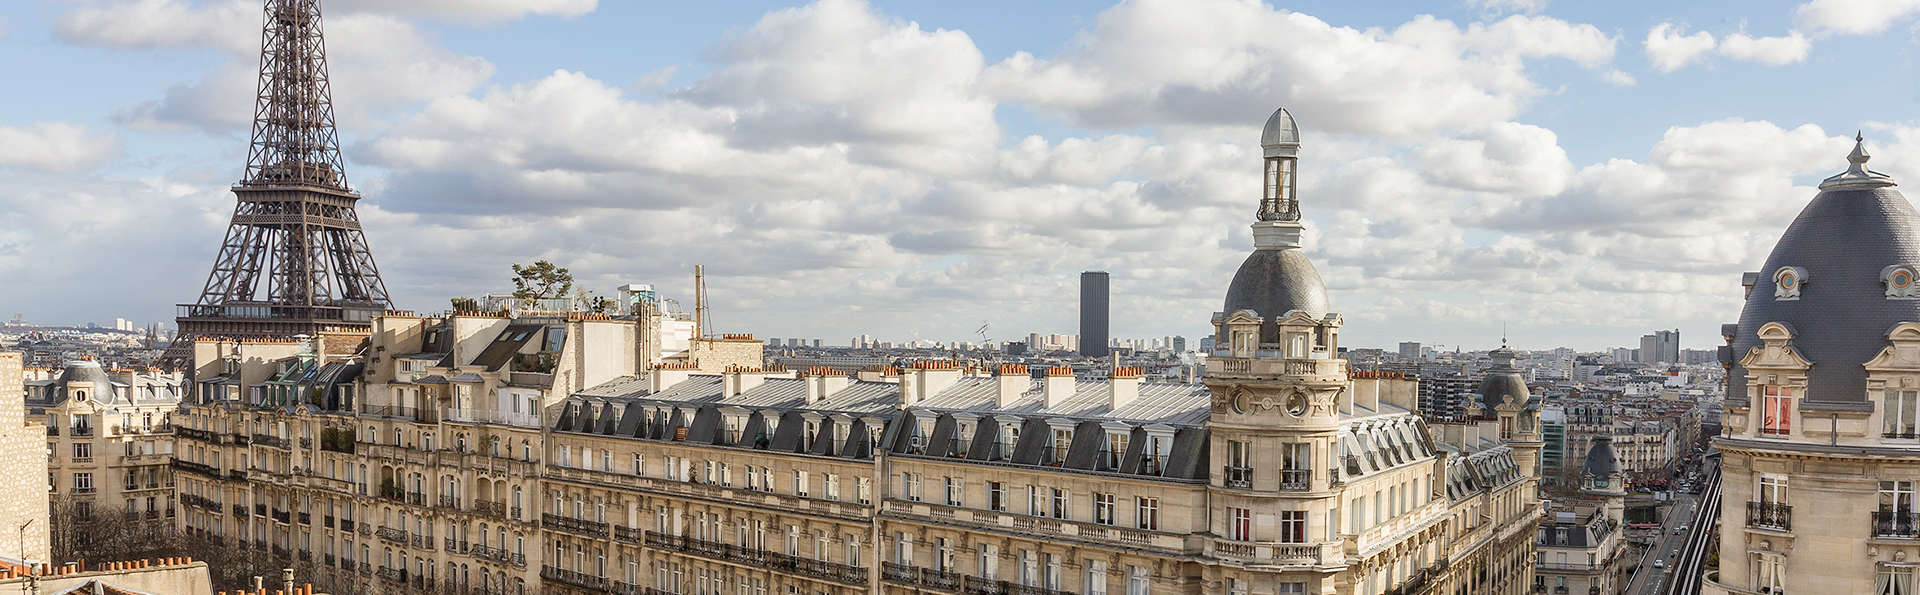 Hôtel Maison FL - EDIT_Paris_1.jpg